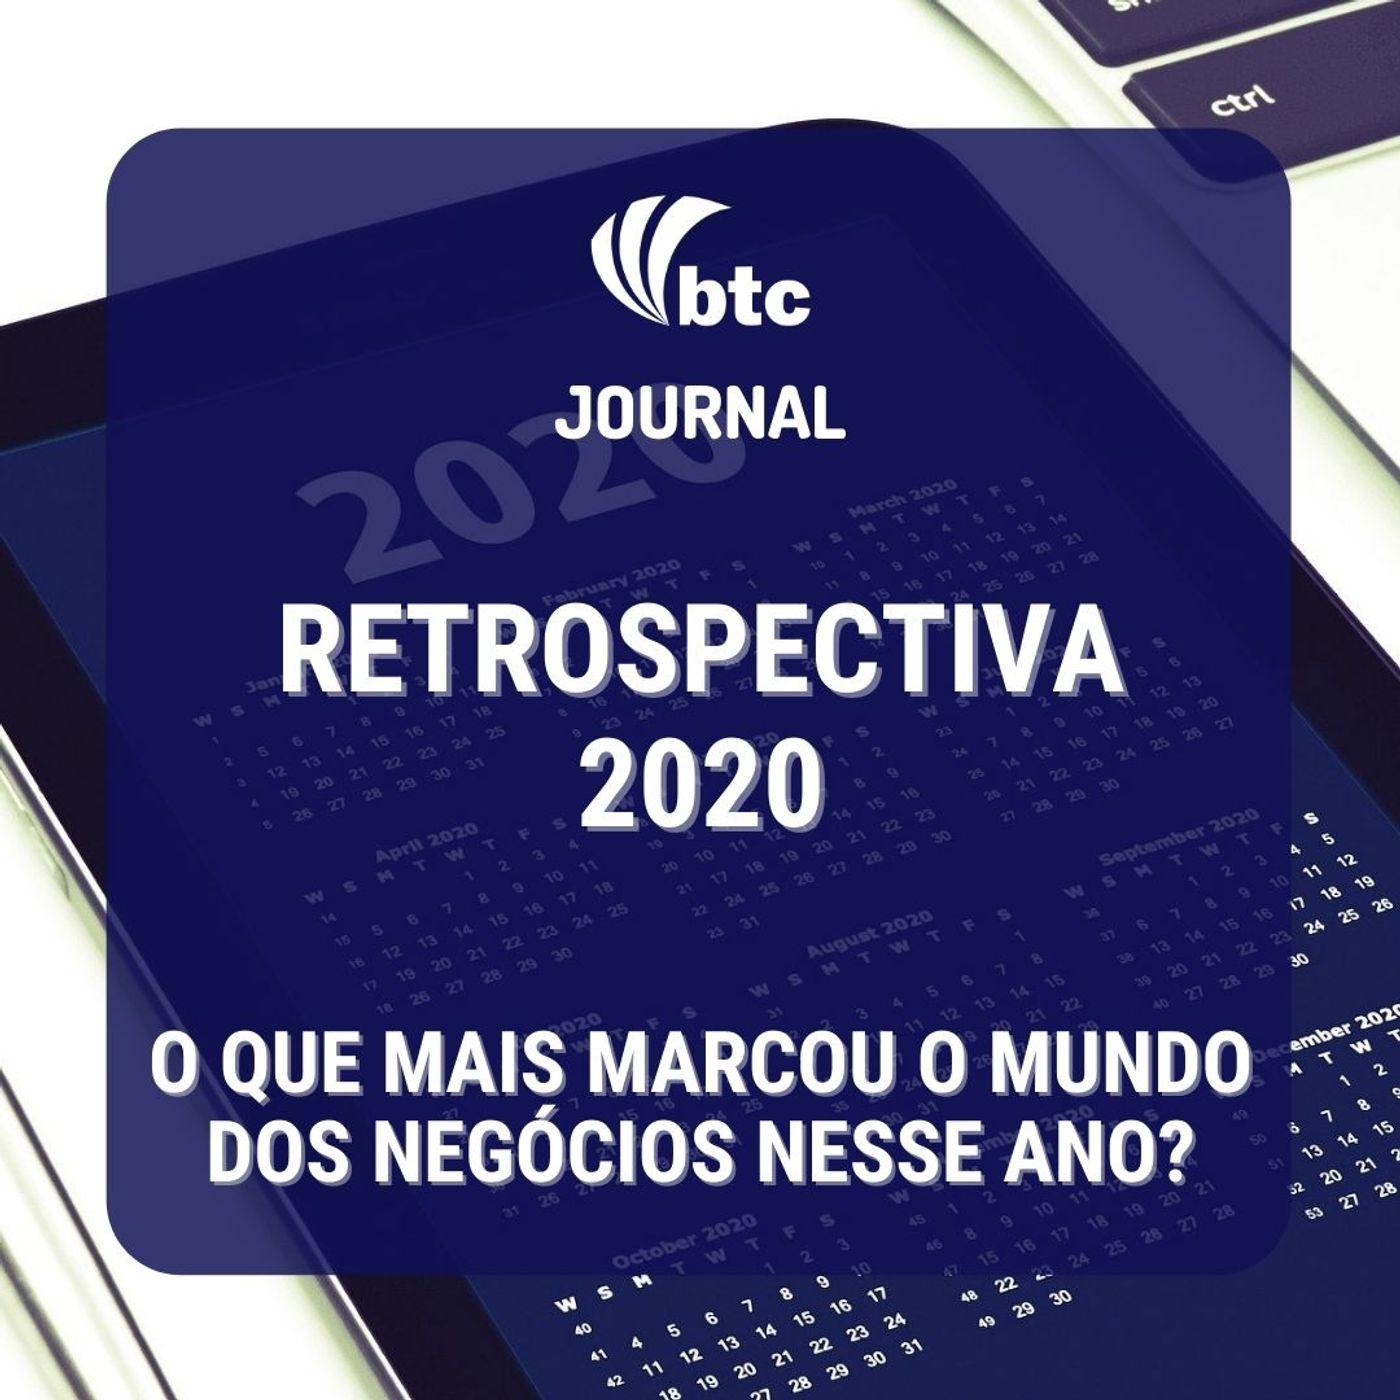 Retrospectiva 2020 em 12 episódios   BTC Journal 31/12/2020